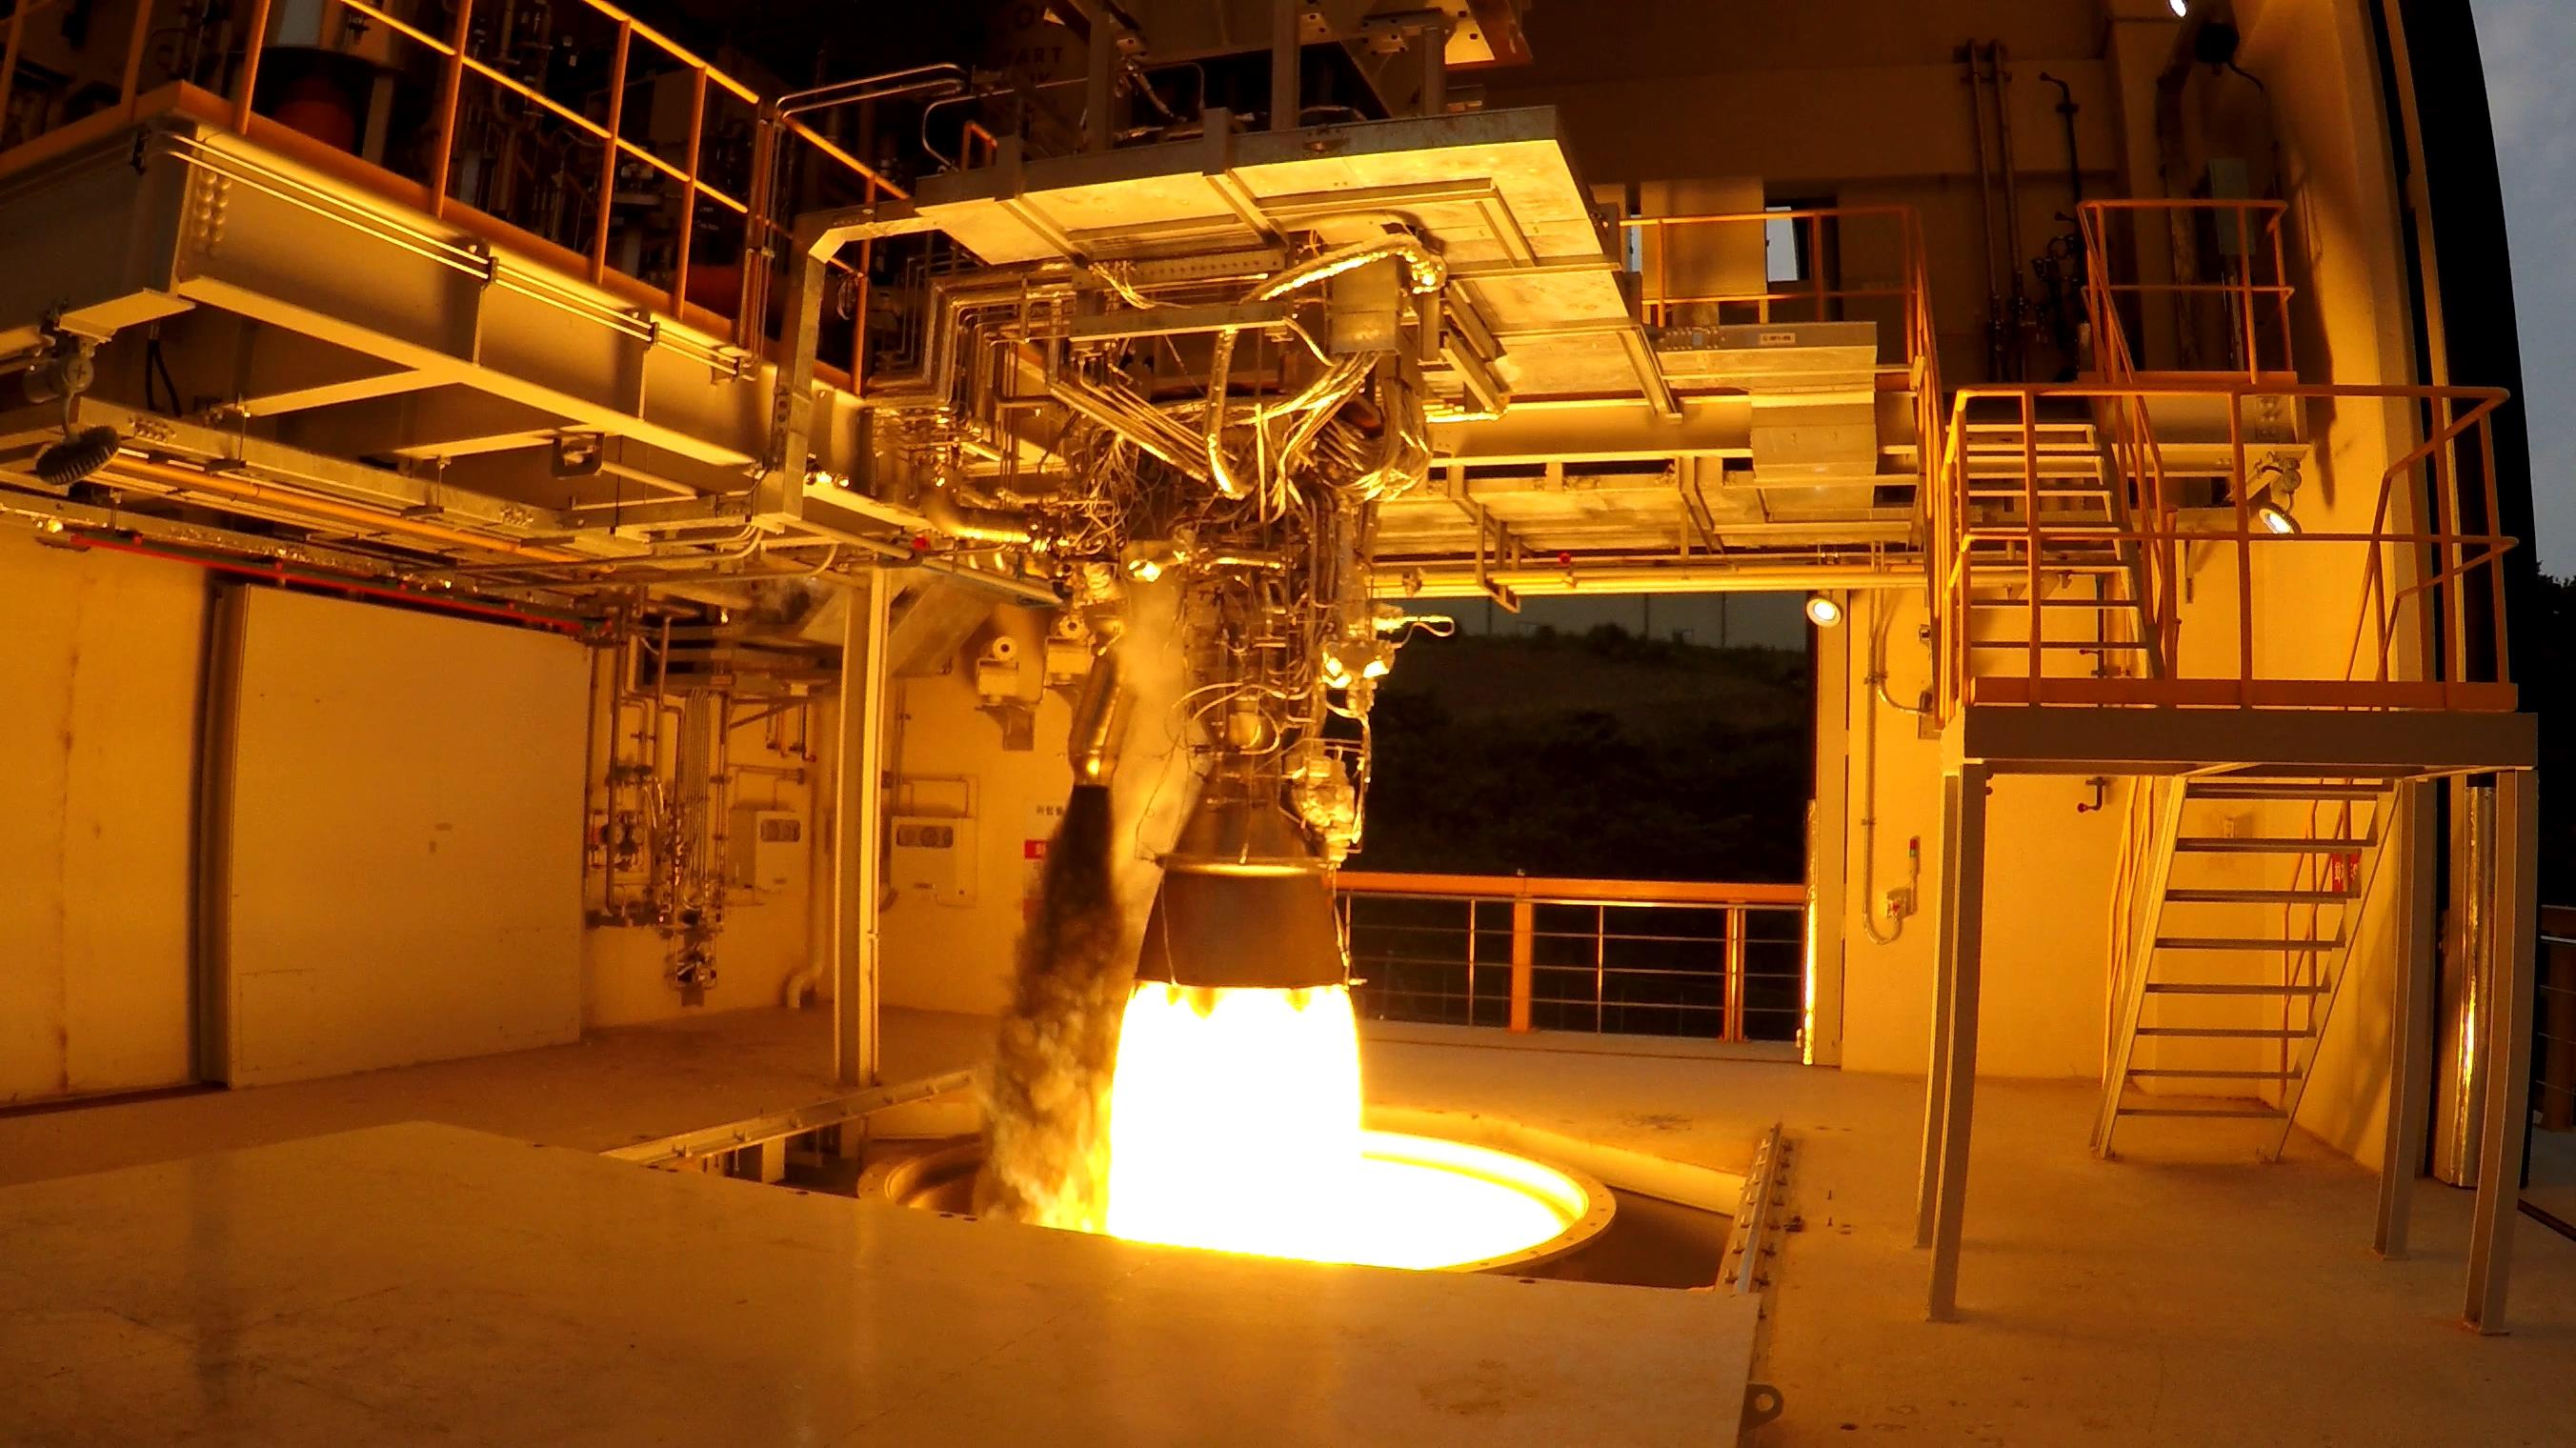 한국항공우주연구원은 전남 고흥 나로우주센터에서 7월과 11월 각각 75t급 액체엔진 연소시험에 성공했다.